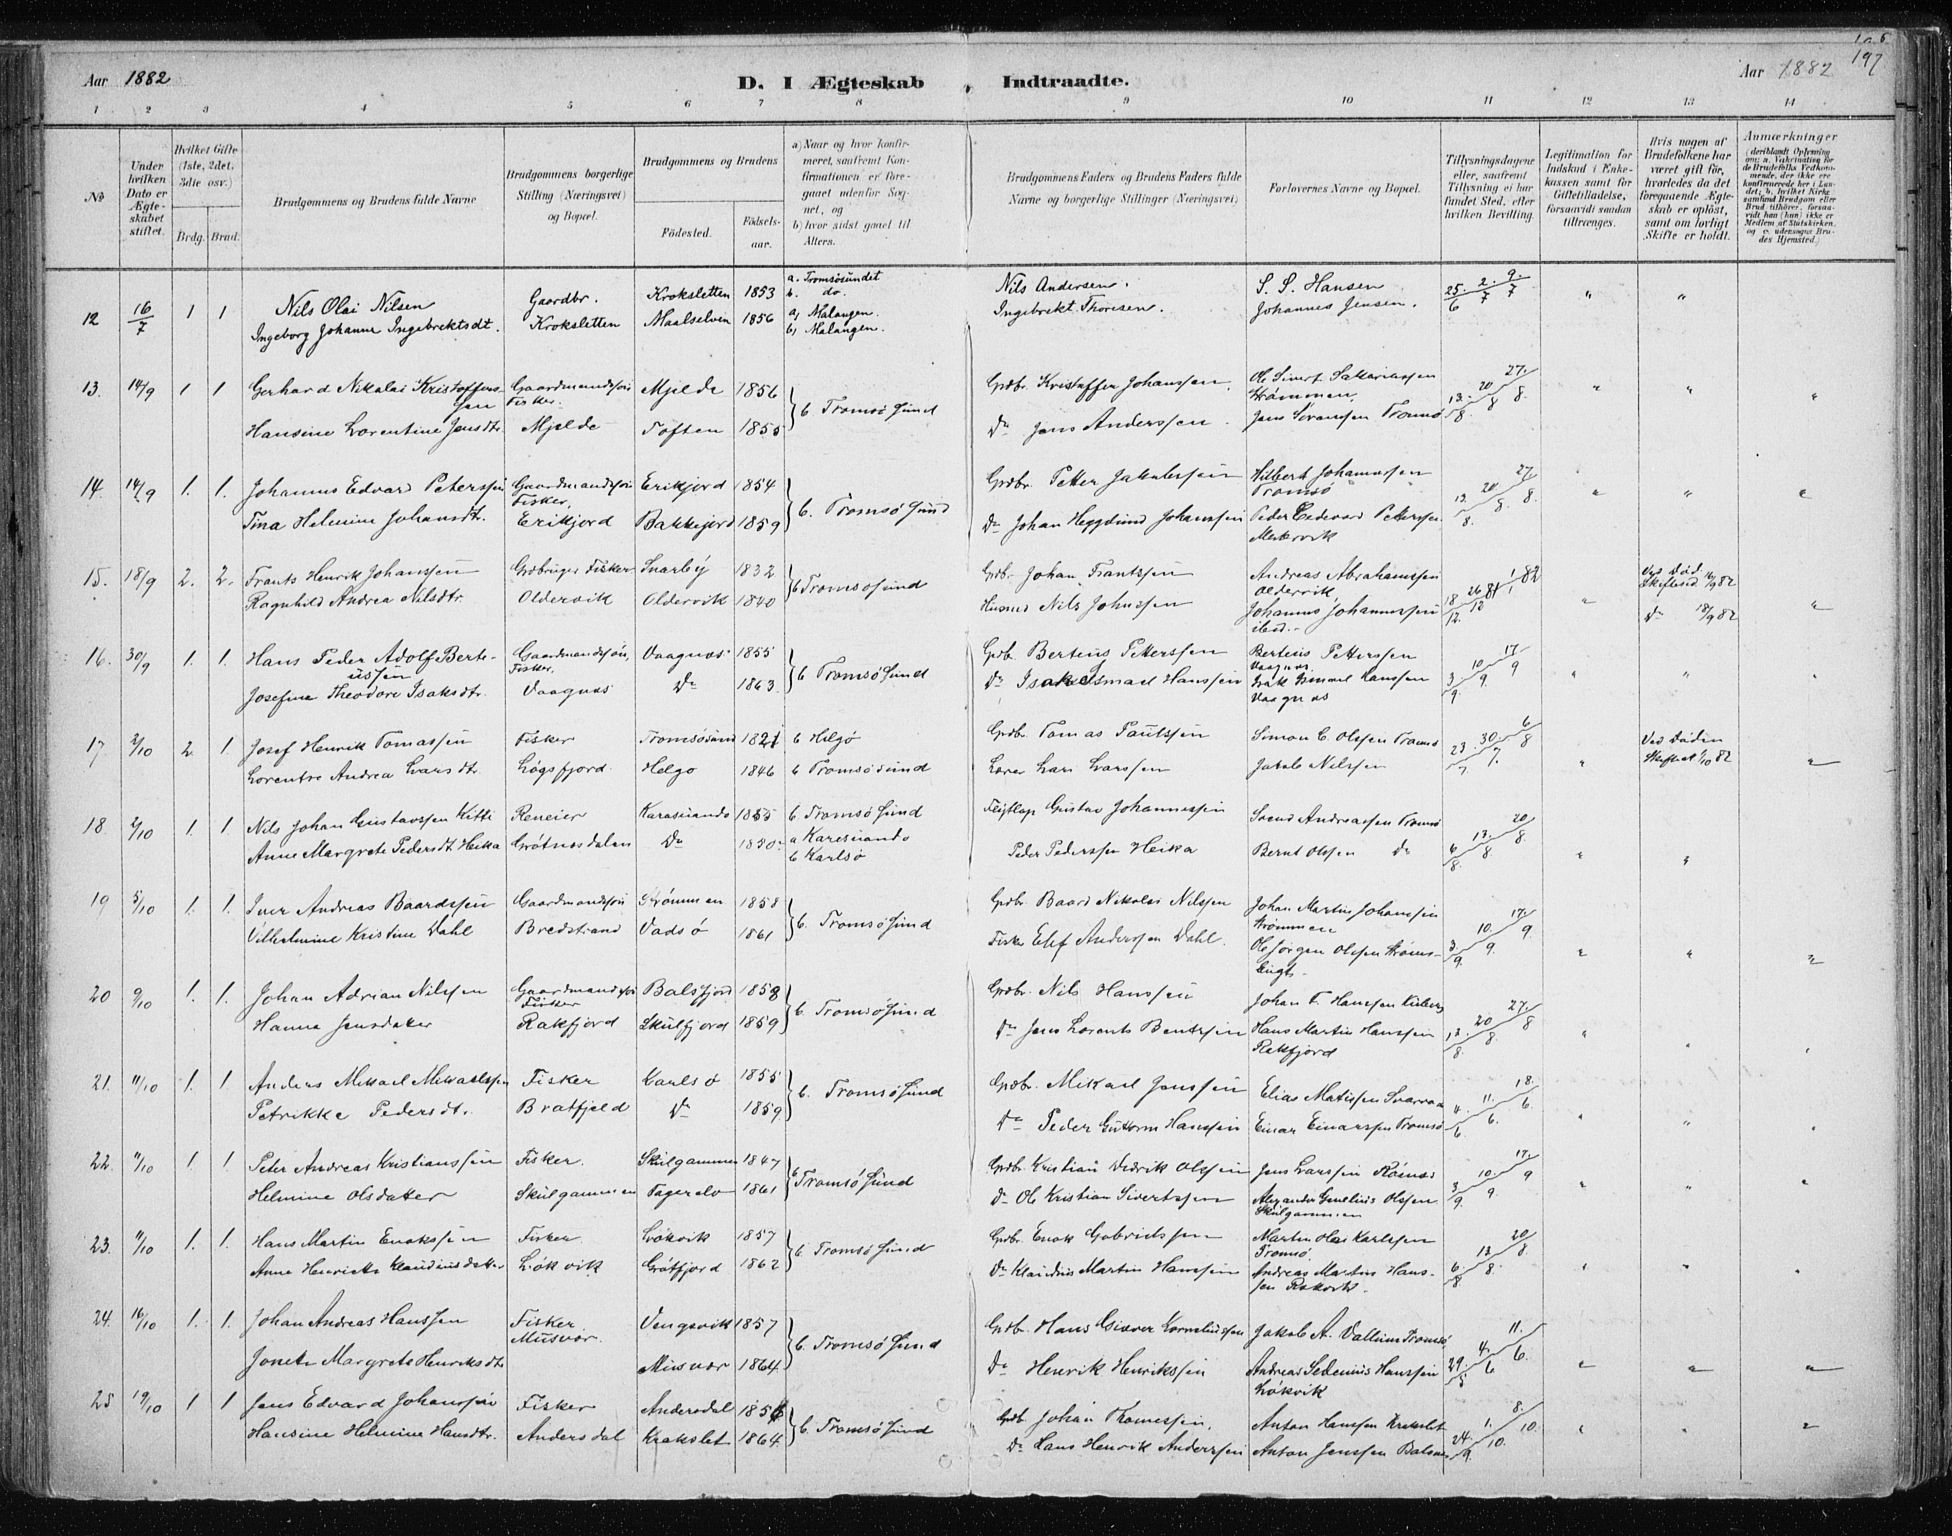 SATØ, Tromsøysund sokneprestkontor, G/Ga/L0004kirke: Ministerialbok nr. 4, 1880-1888, s. 197